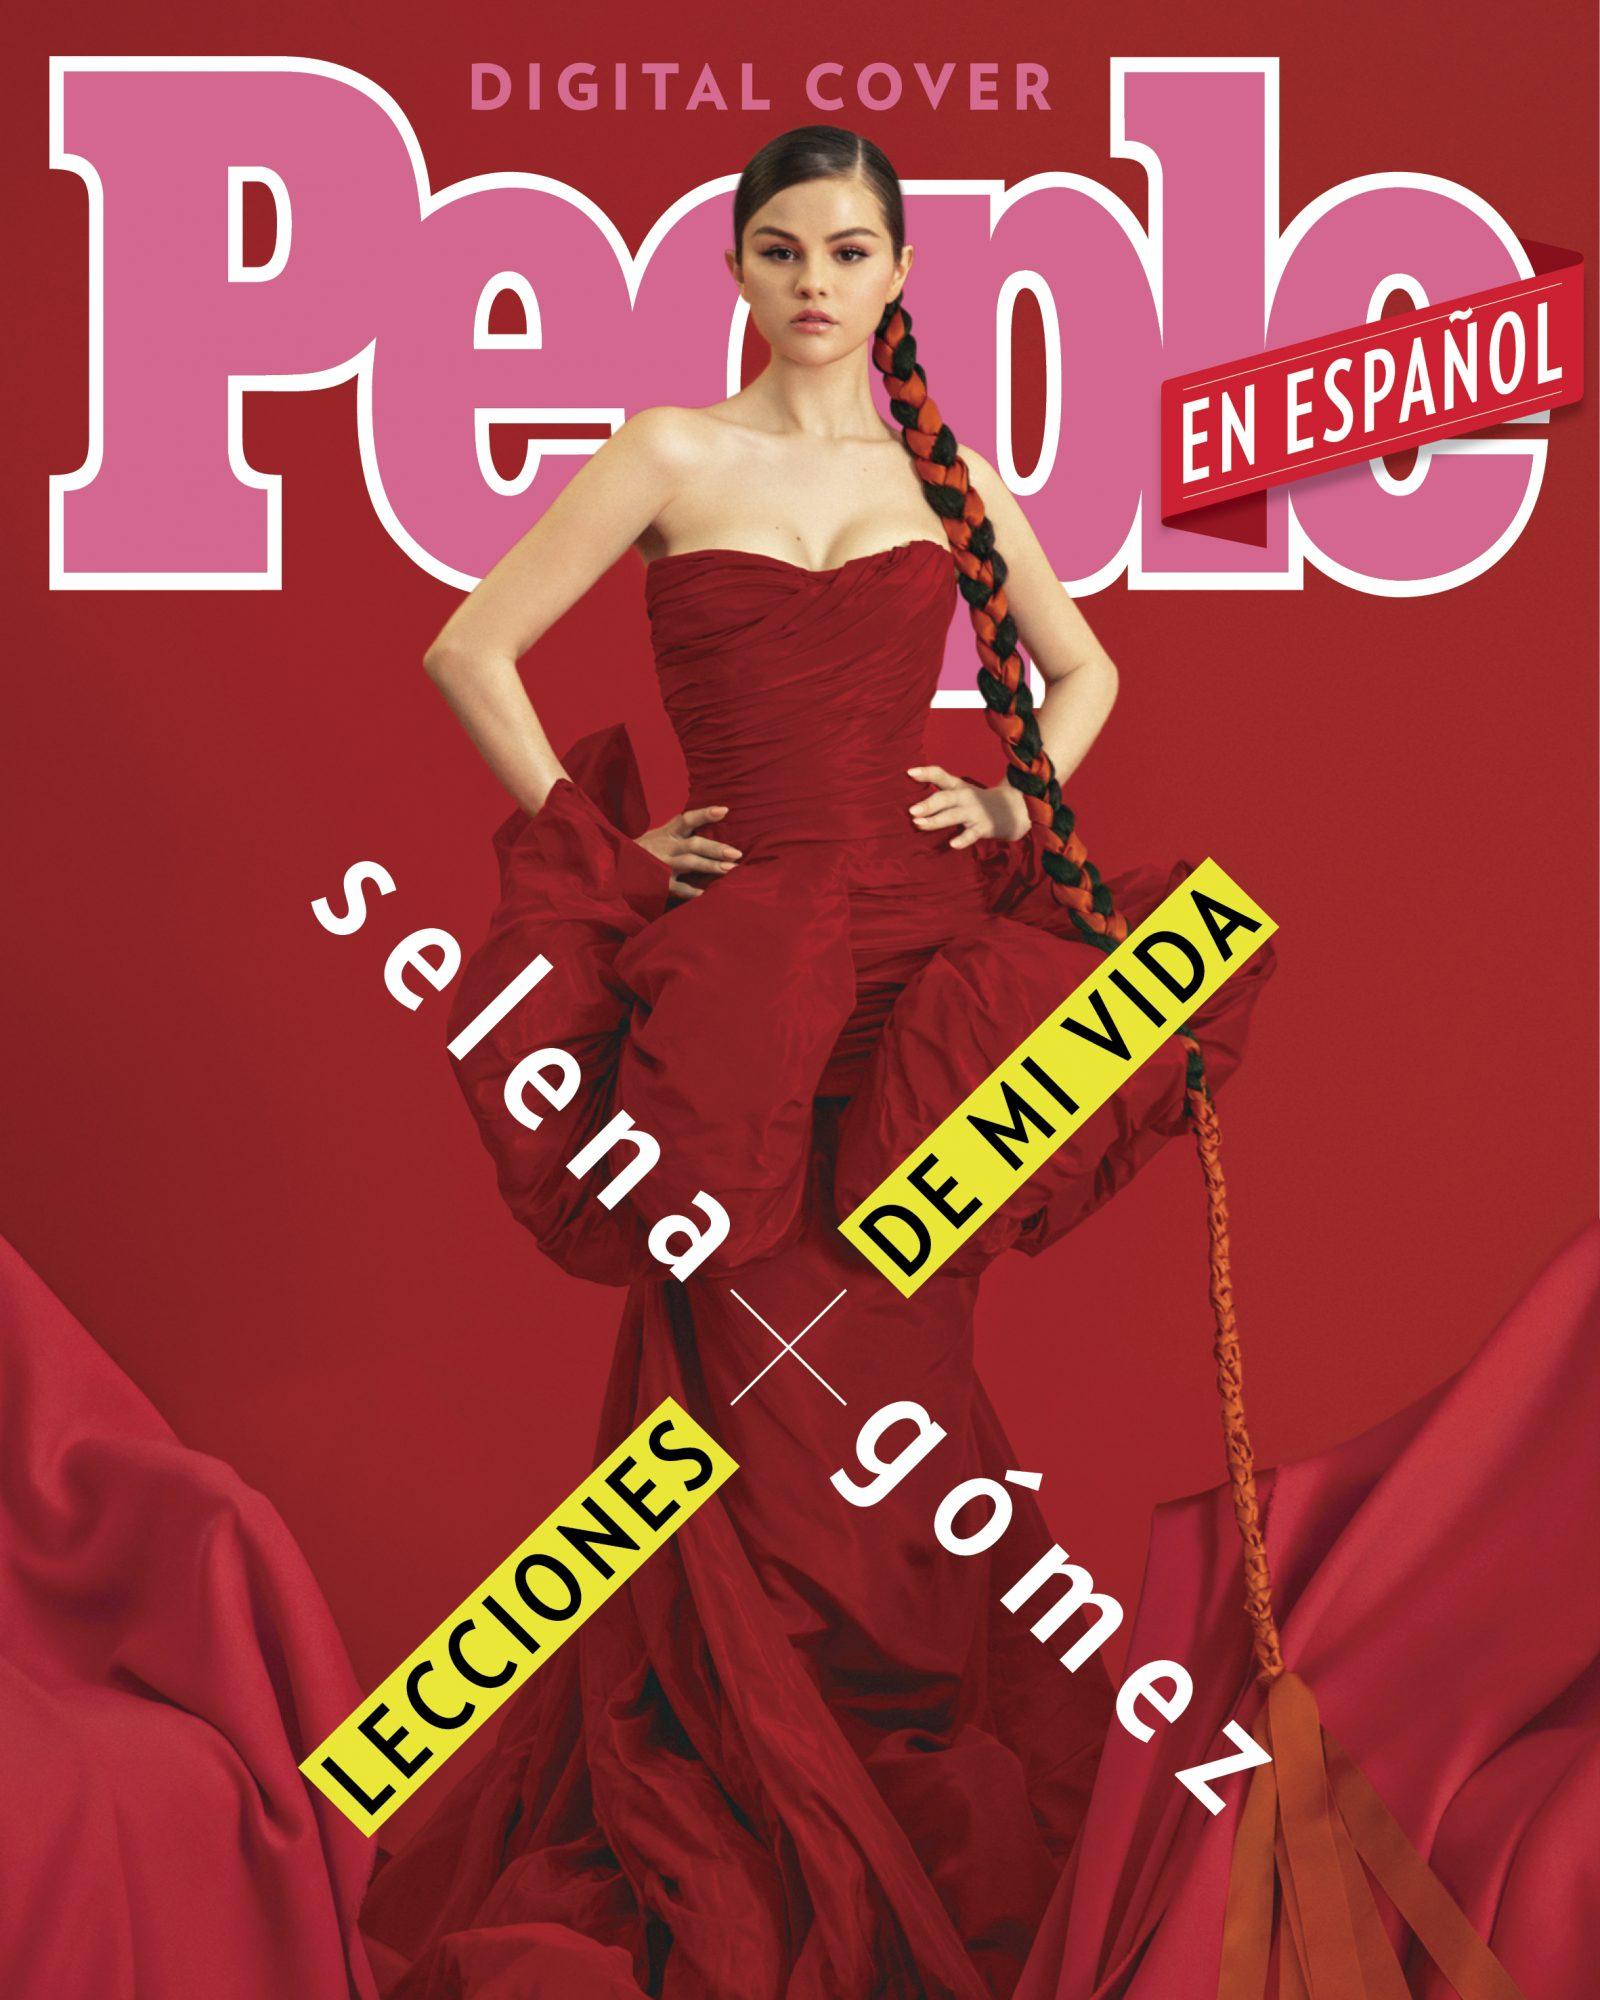 Selena Gomez - Digital Cover